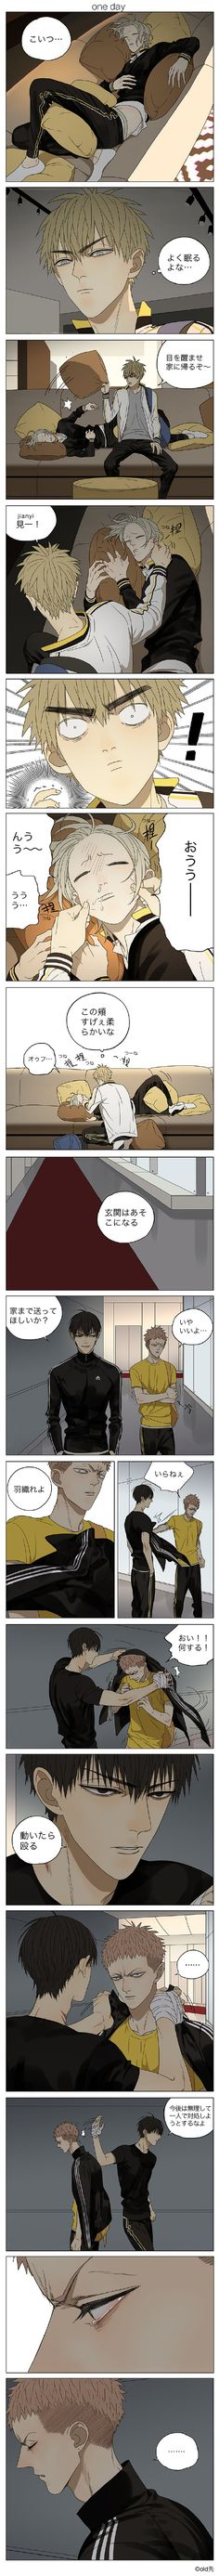 19天ch188日本語訳「回家。」 Twitterで最新話含め順次公開中 @ukaretonnchiki